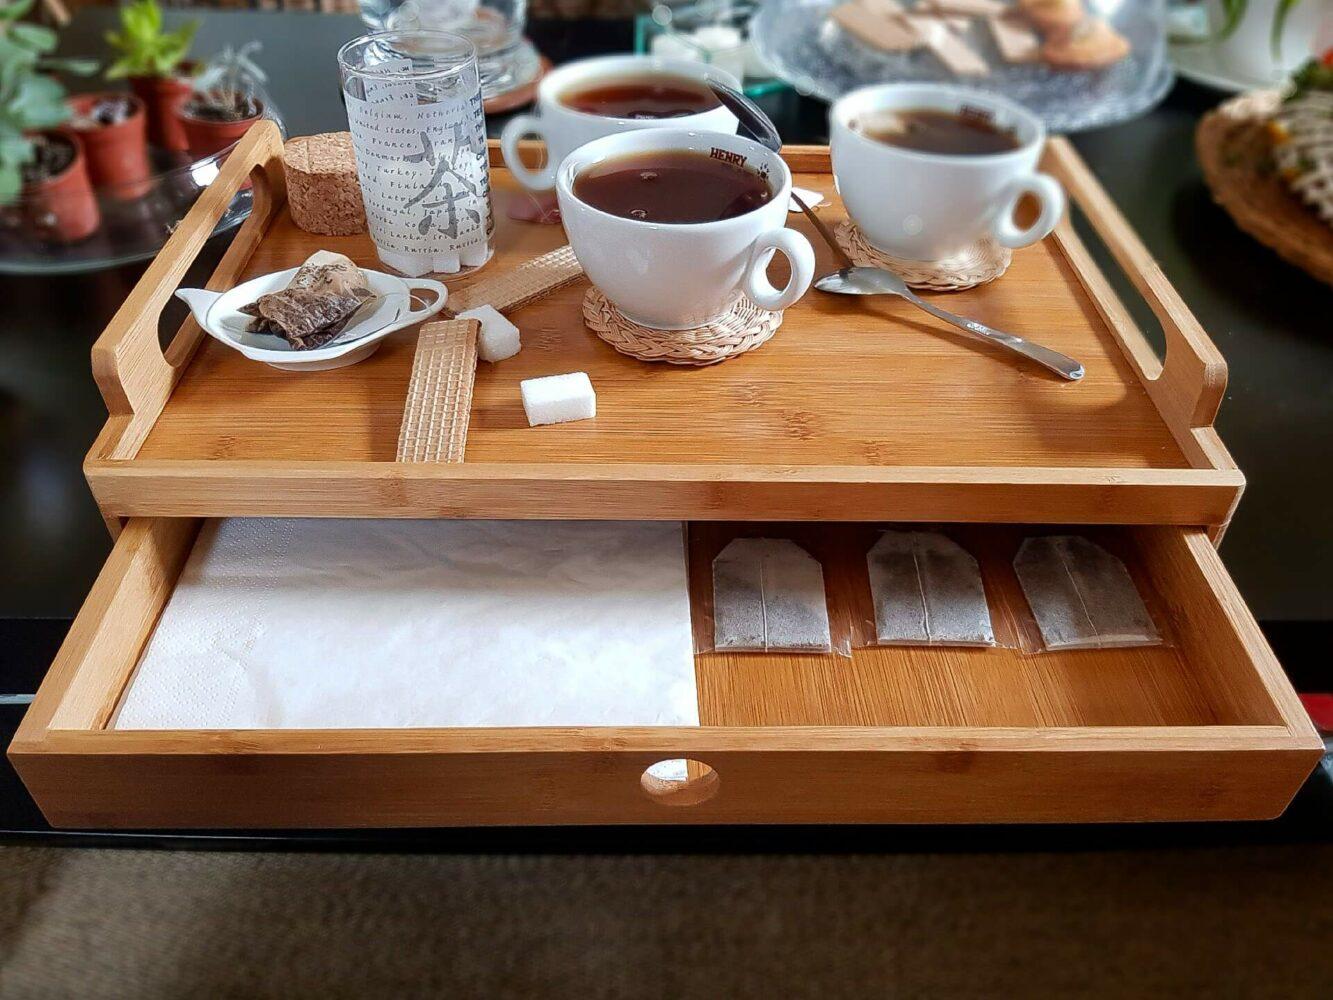 plateau de service en bambou équipé d'un tiroir posé sur une table